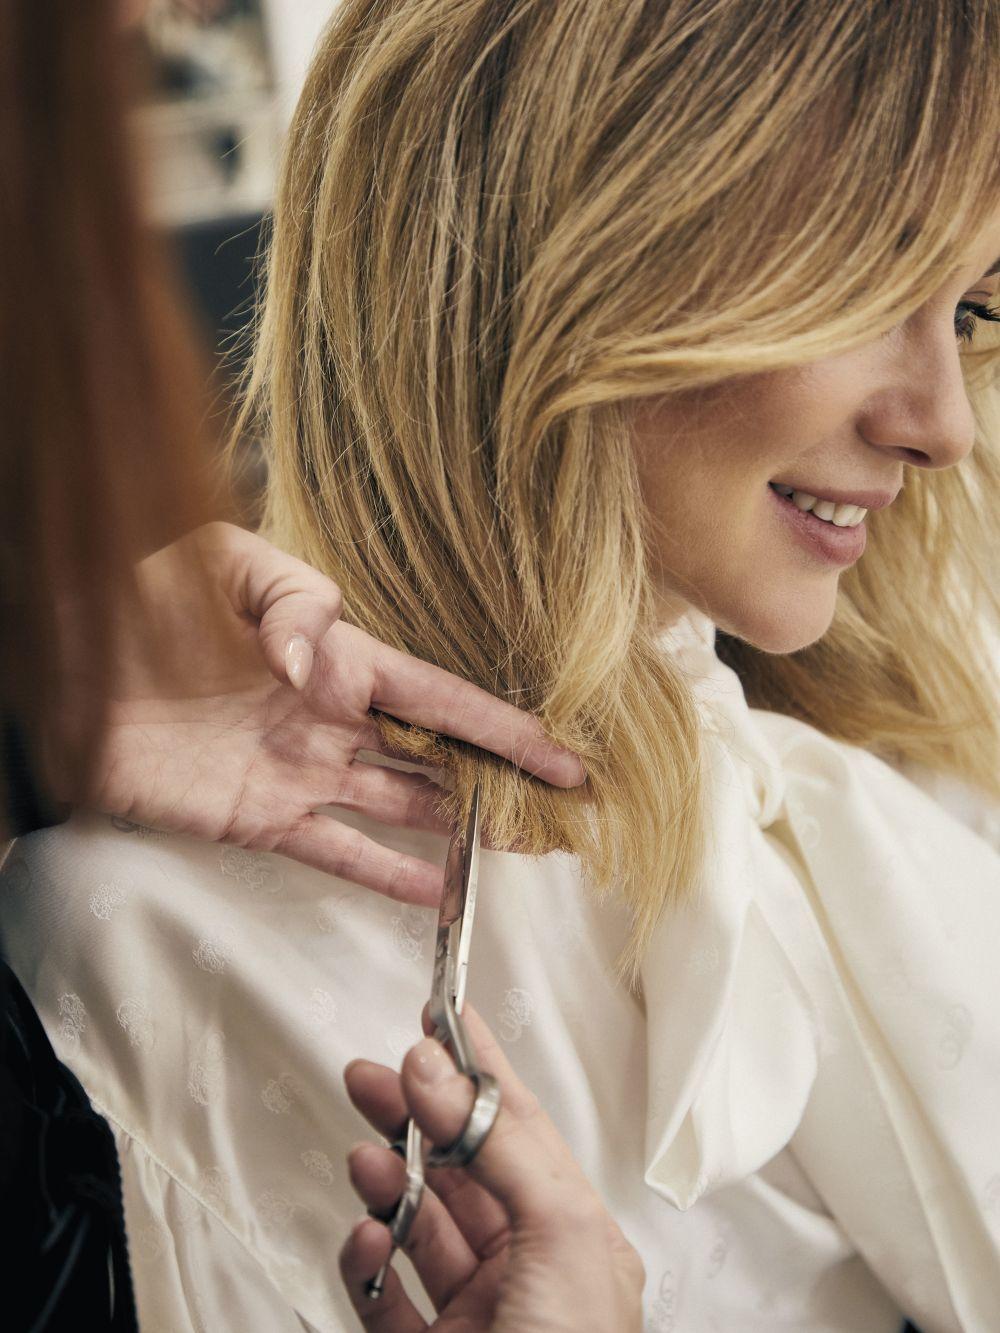 El pelo puede secarse más por los tintes y permanentes, productos demasiado agresivos y exposiciones solares prolongadas según los expertos.